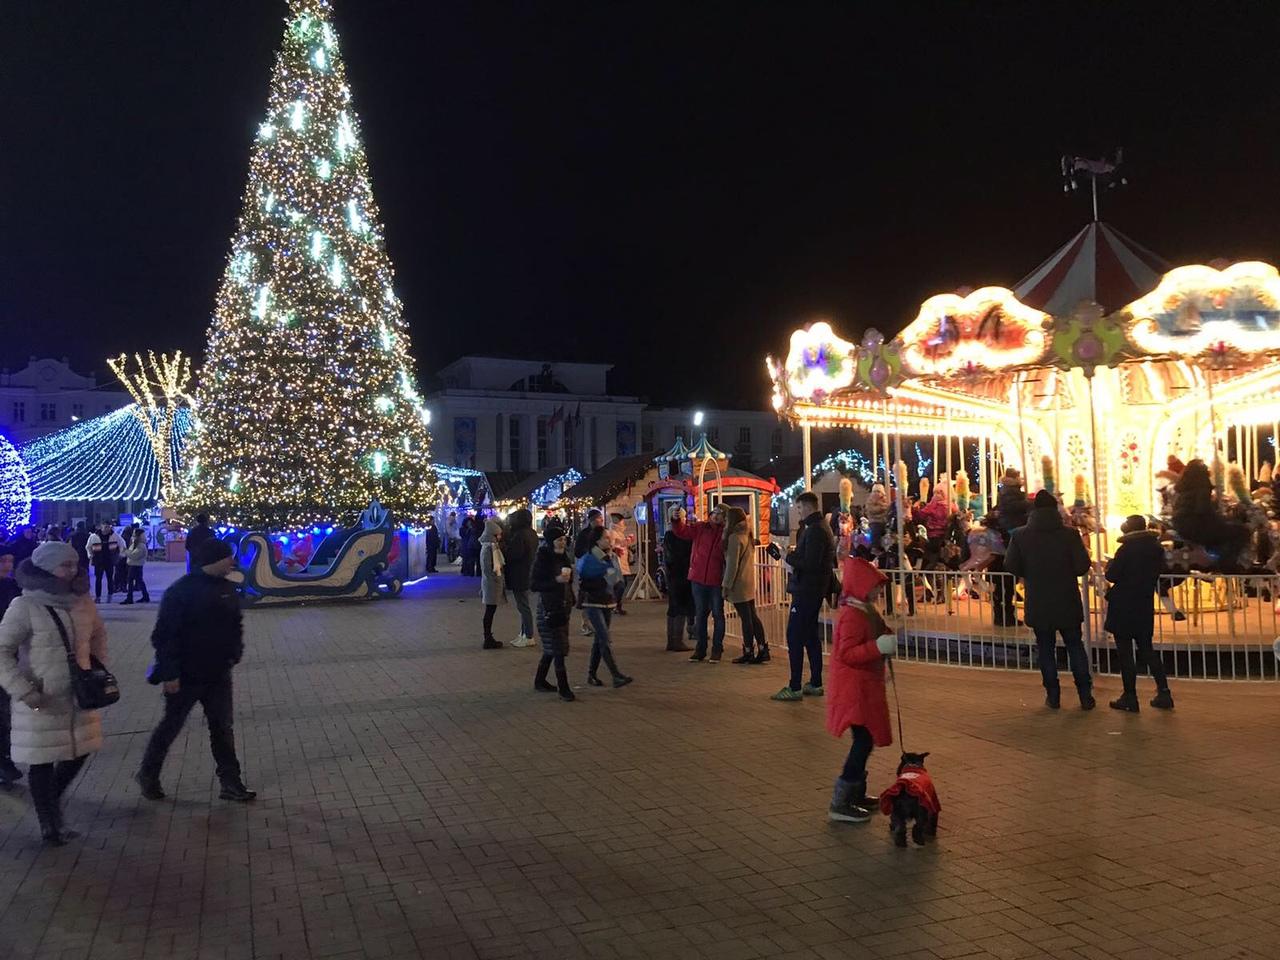 Брянск vs Орел: у кого гостит Новый год